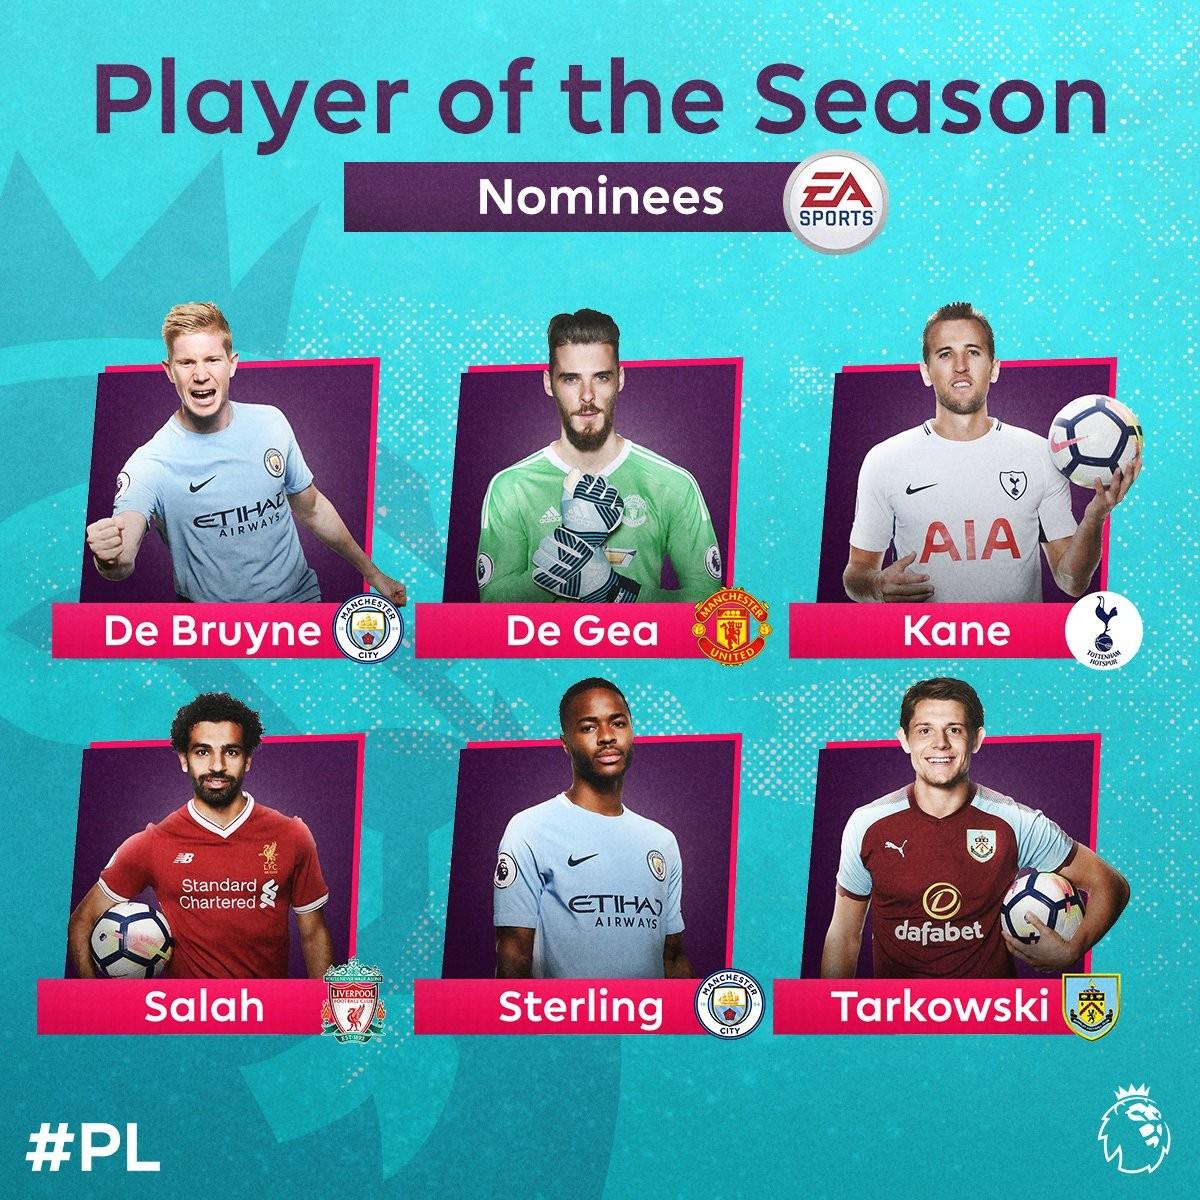 英超赛季最佳球员候选:萨拉赫领衔,德布劳内